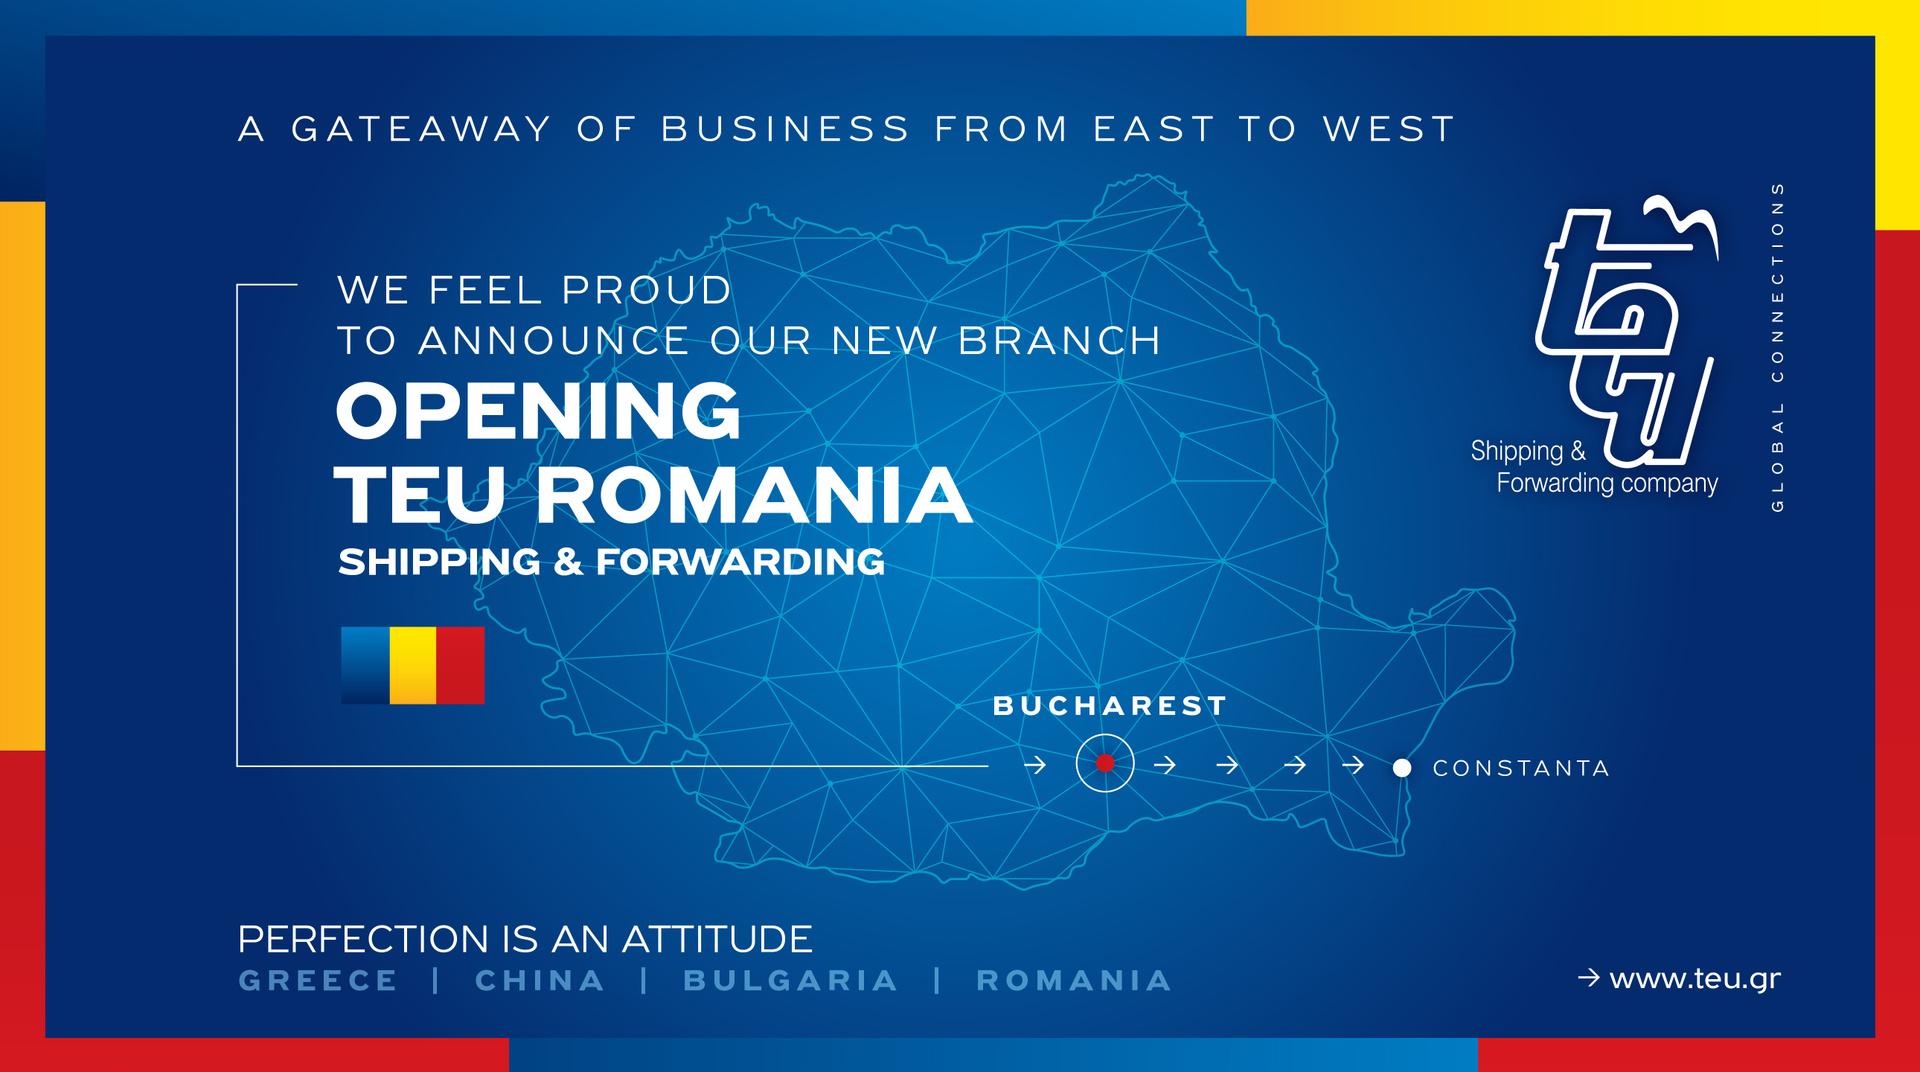 TEU Romania